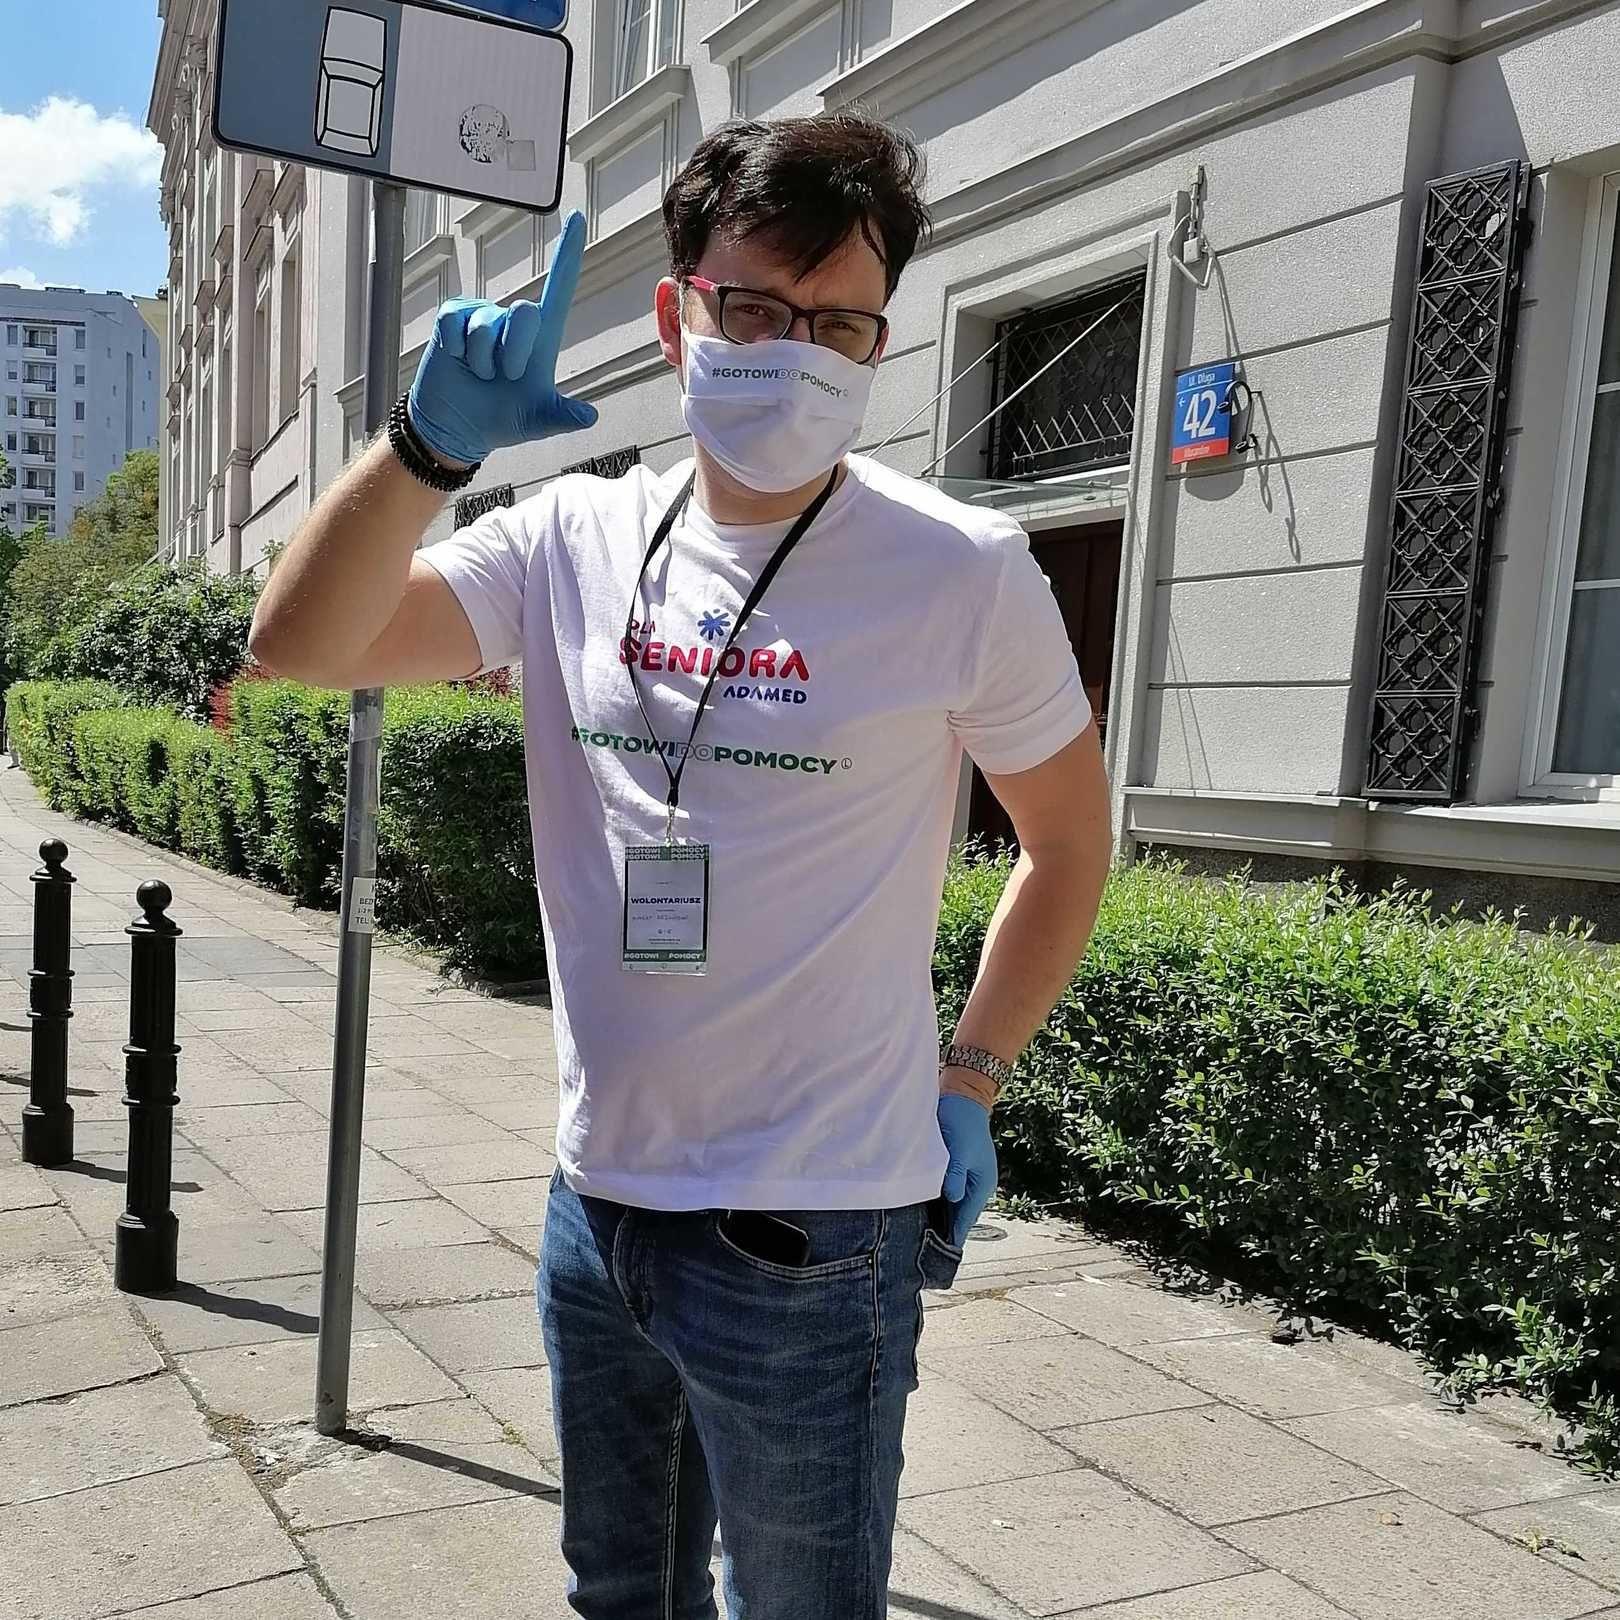 #GOTOWIDOPOMOCY: Przejdziem Wisłę – historia niezwykłego wolontariusza